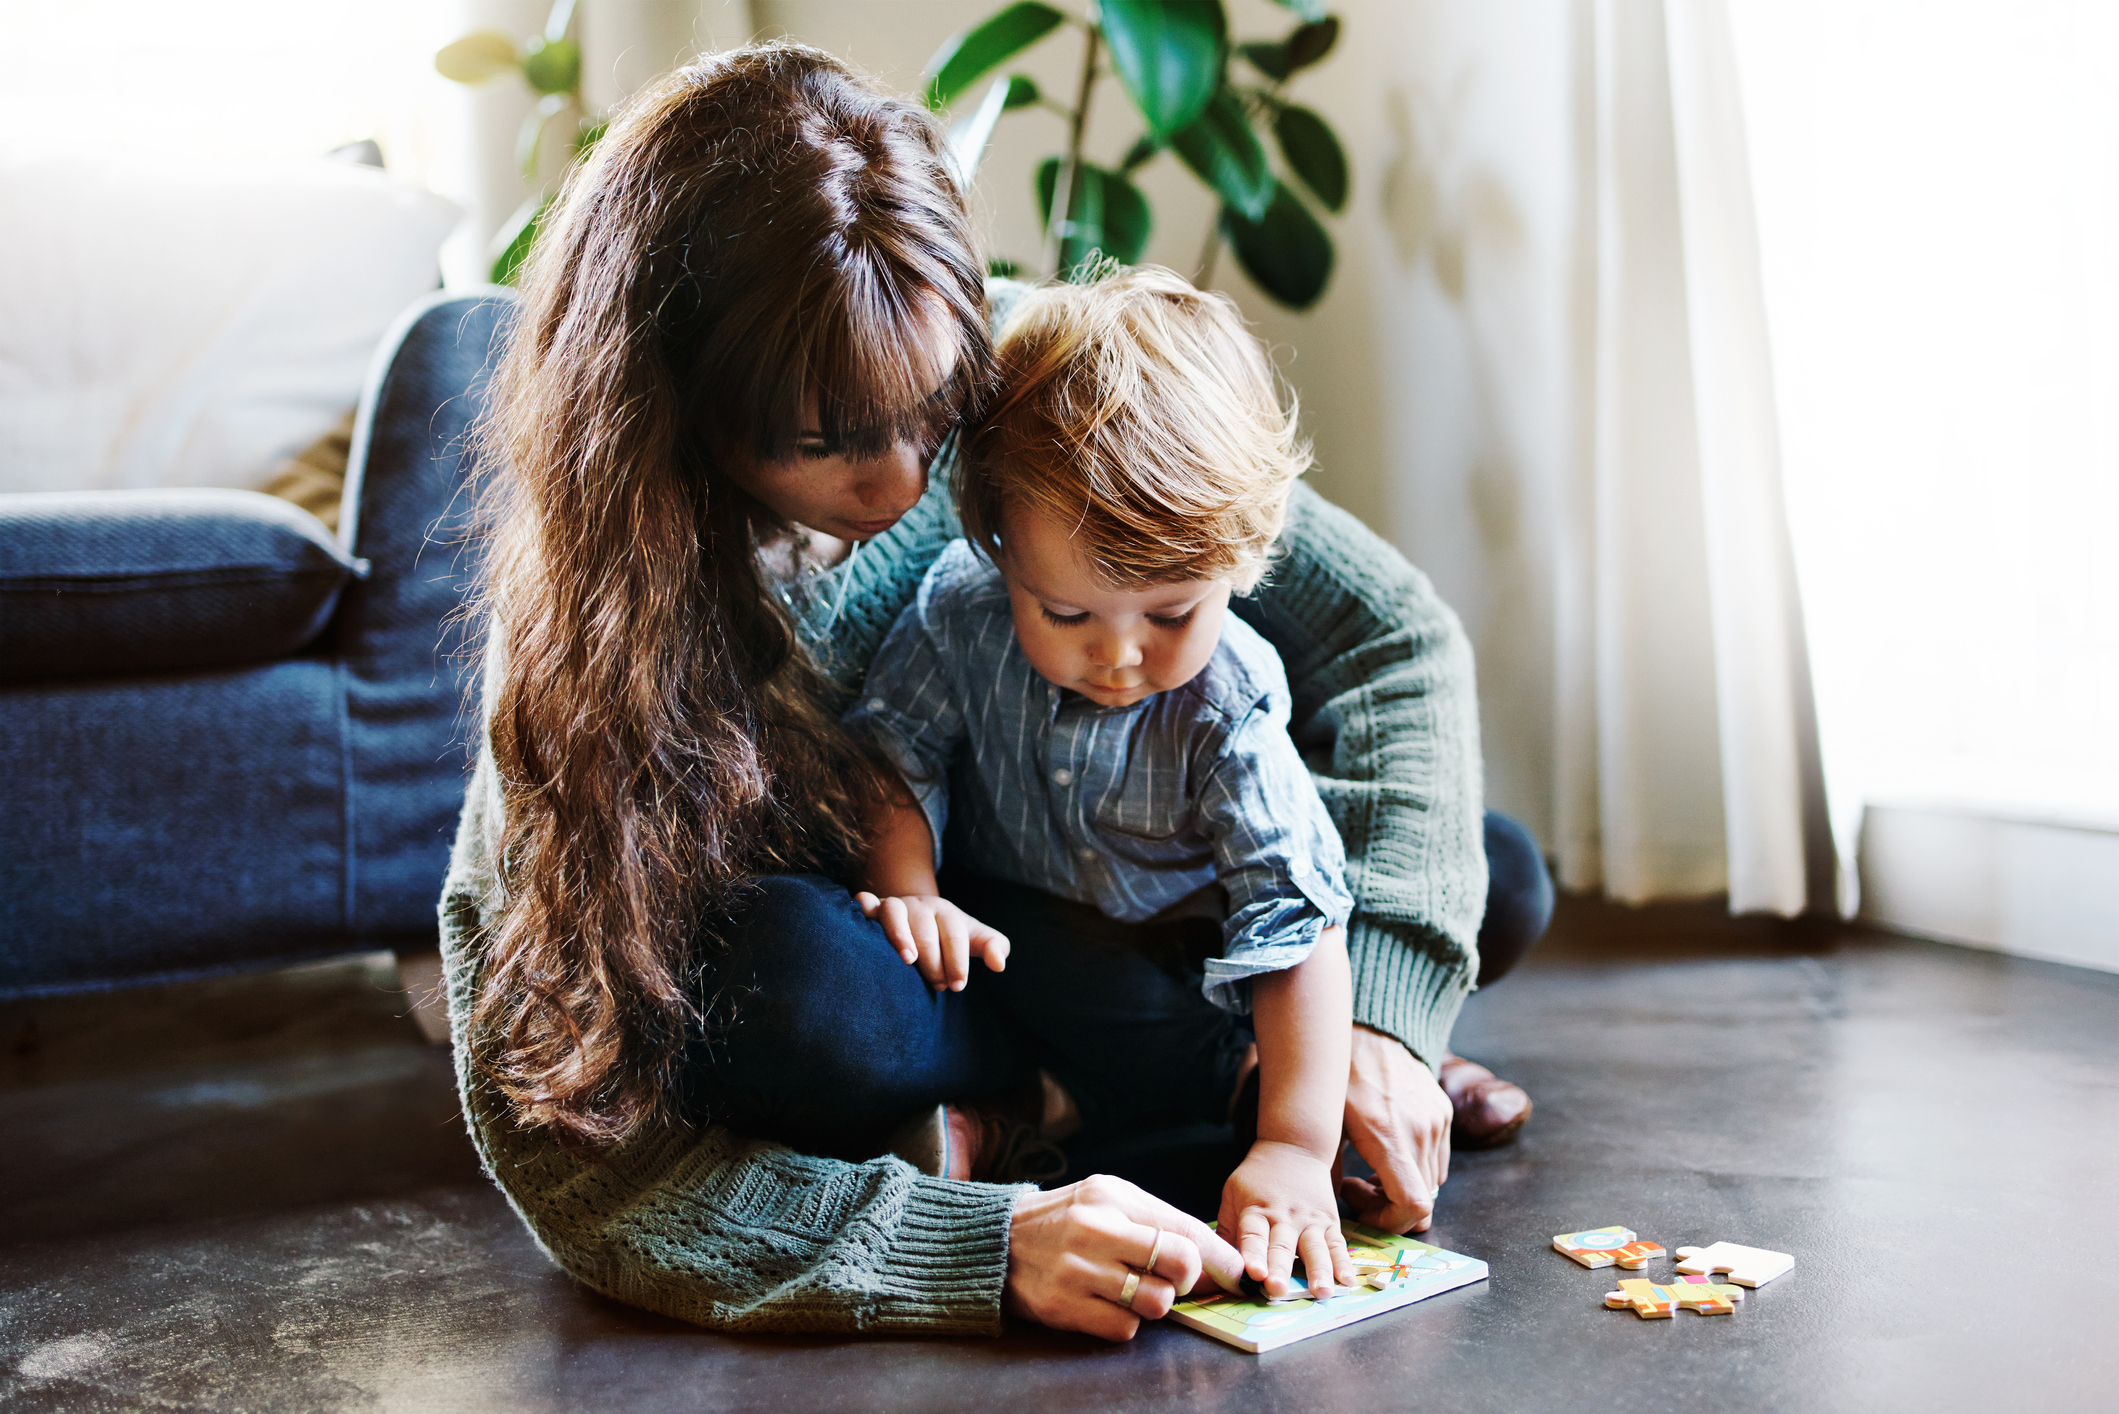 Prva hrvatska družionica za roditelje s bebama - KLUBOTEKA, nudi sadržaje koji spajaju potrebe i želje velikih i malih.